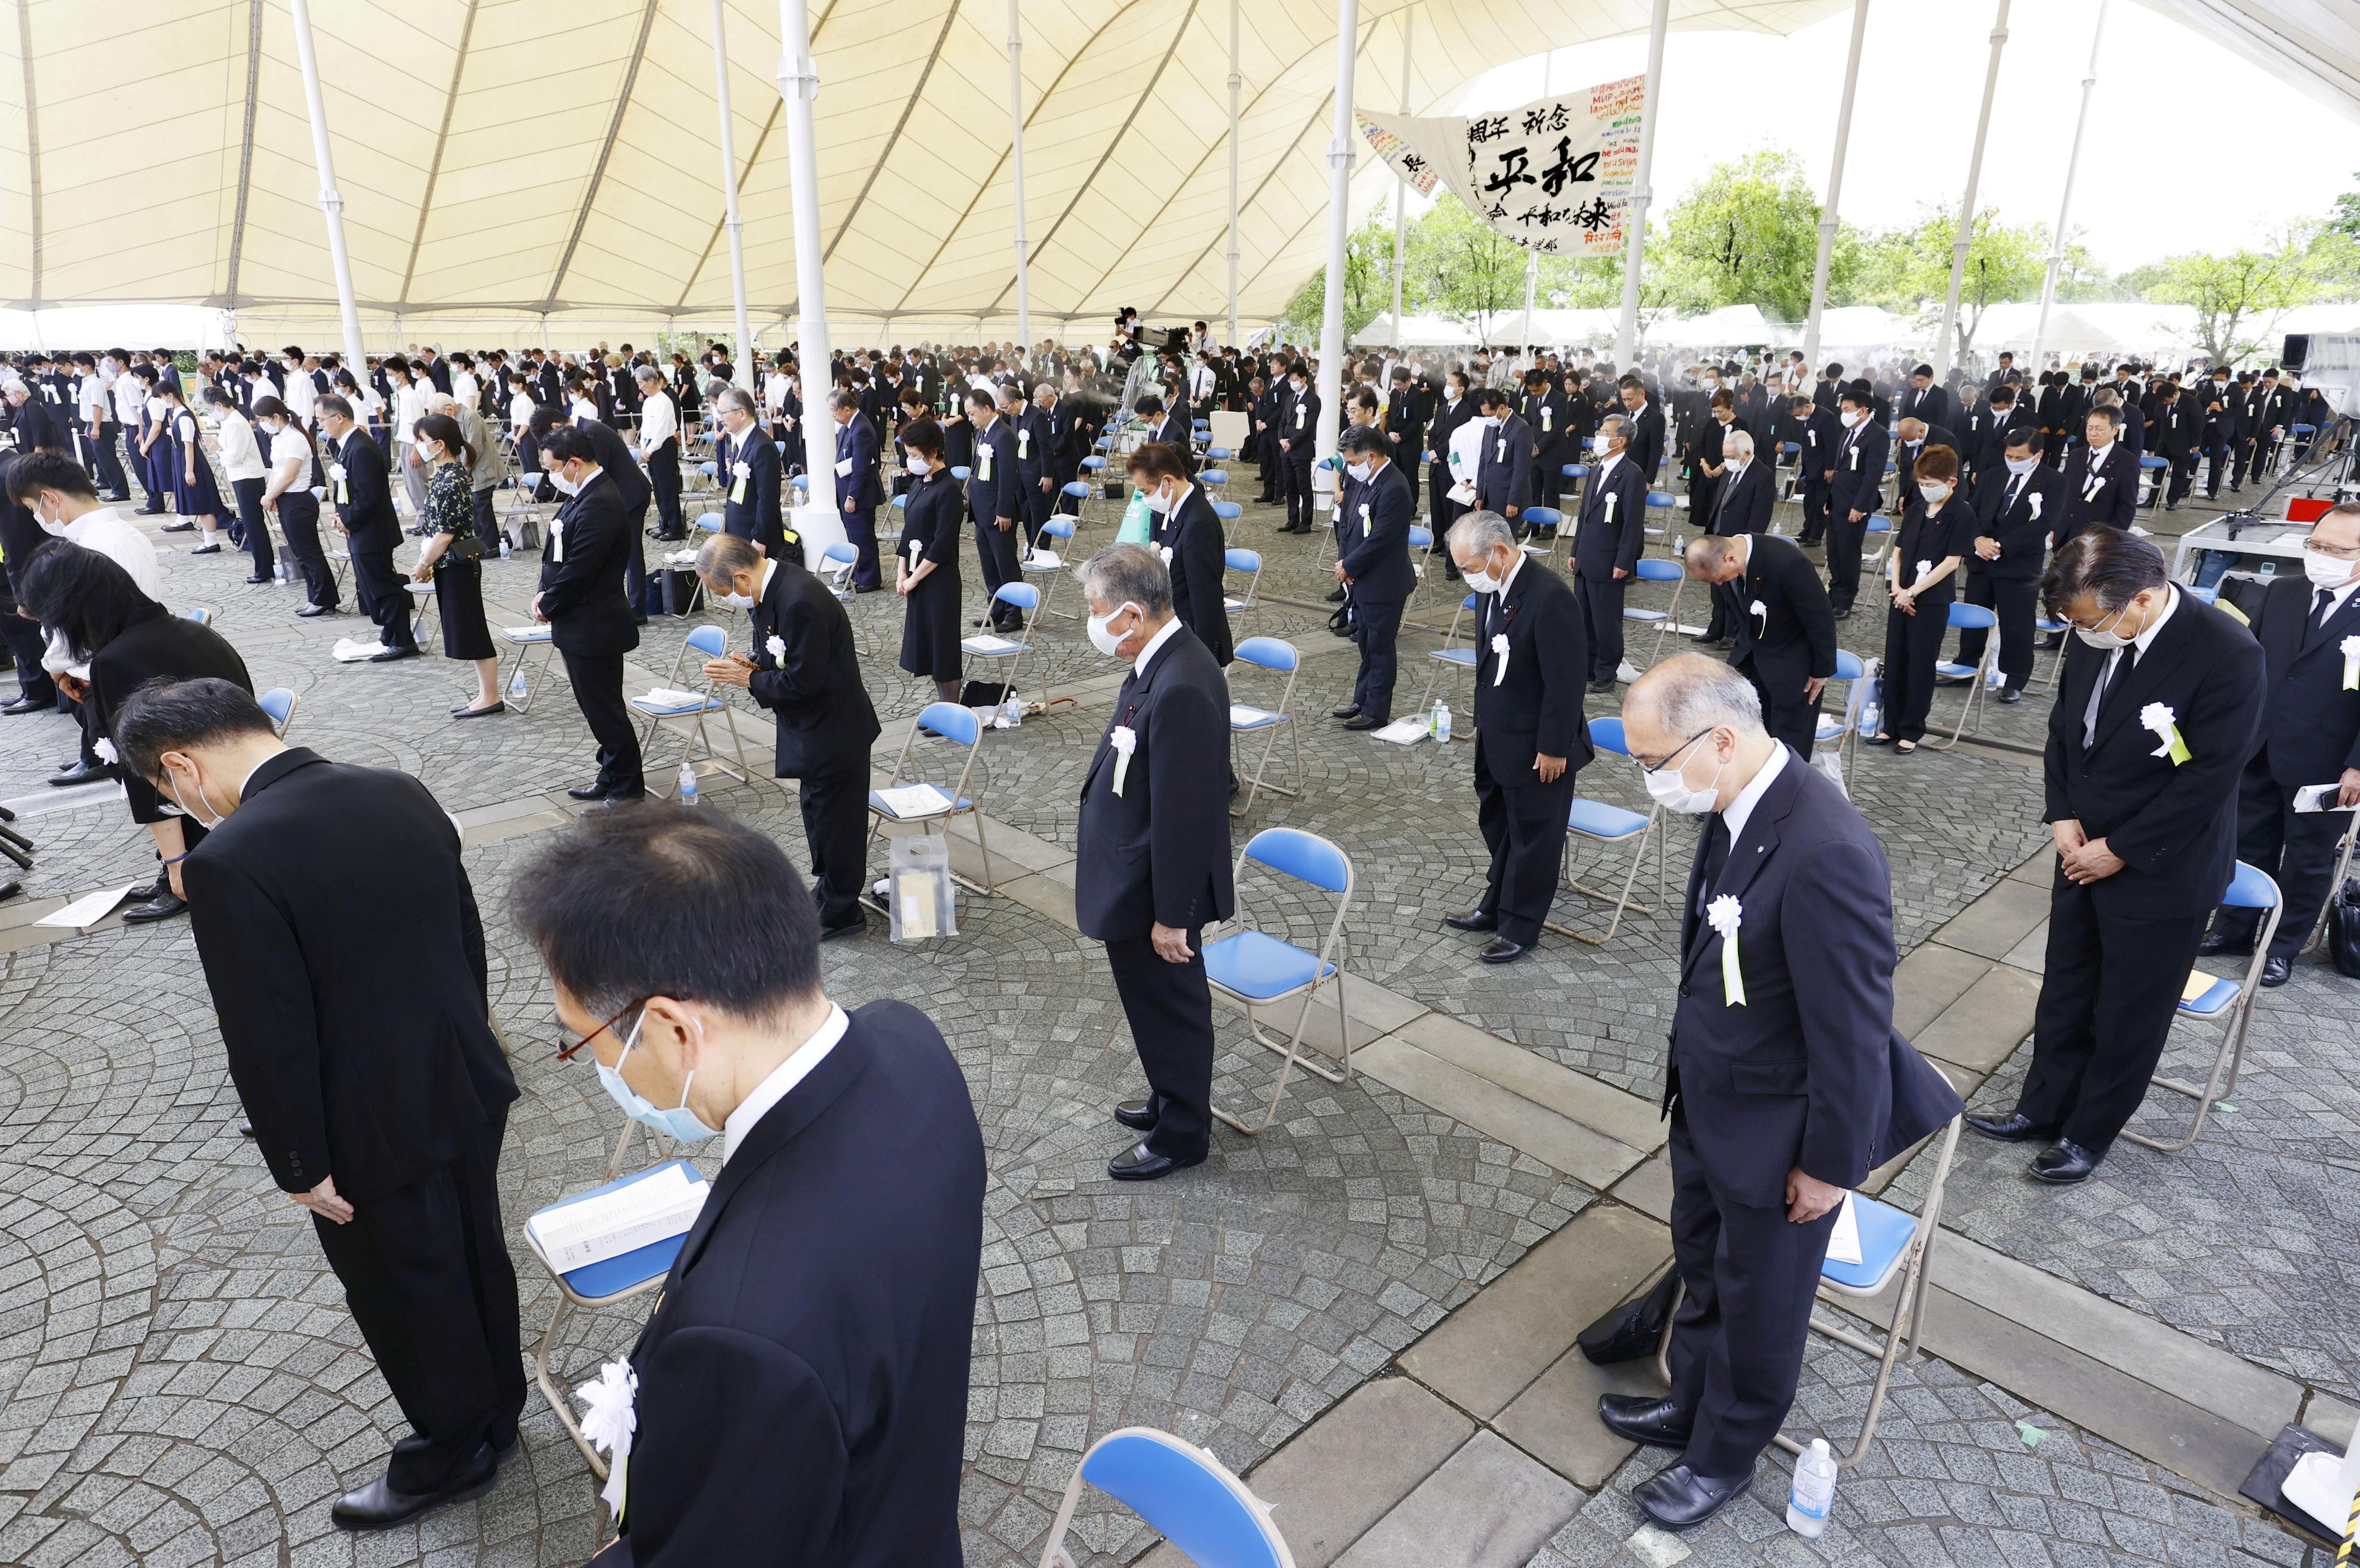 与会人士在原子弹投下的日本时间周日上午11时2分集体默祷,祈求罹难者安息。-路透社-